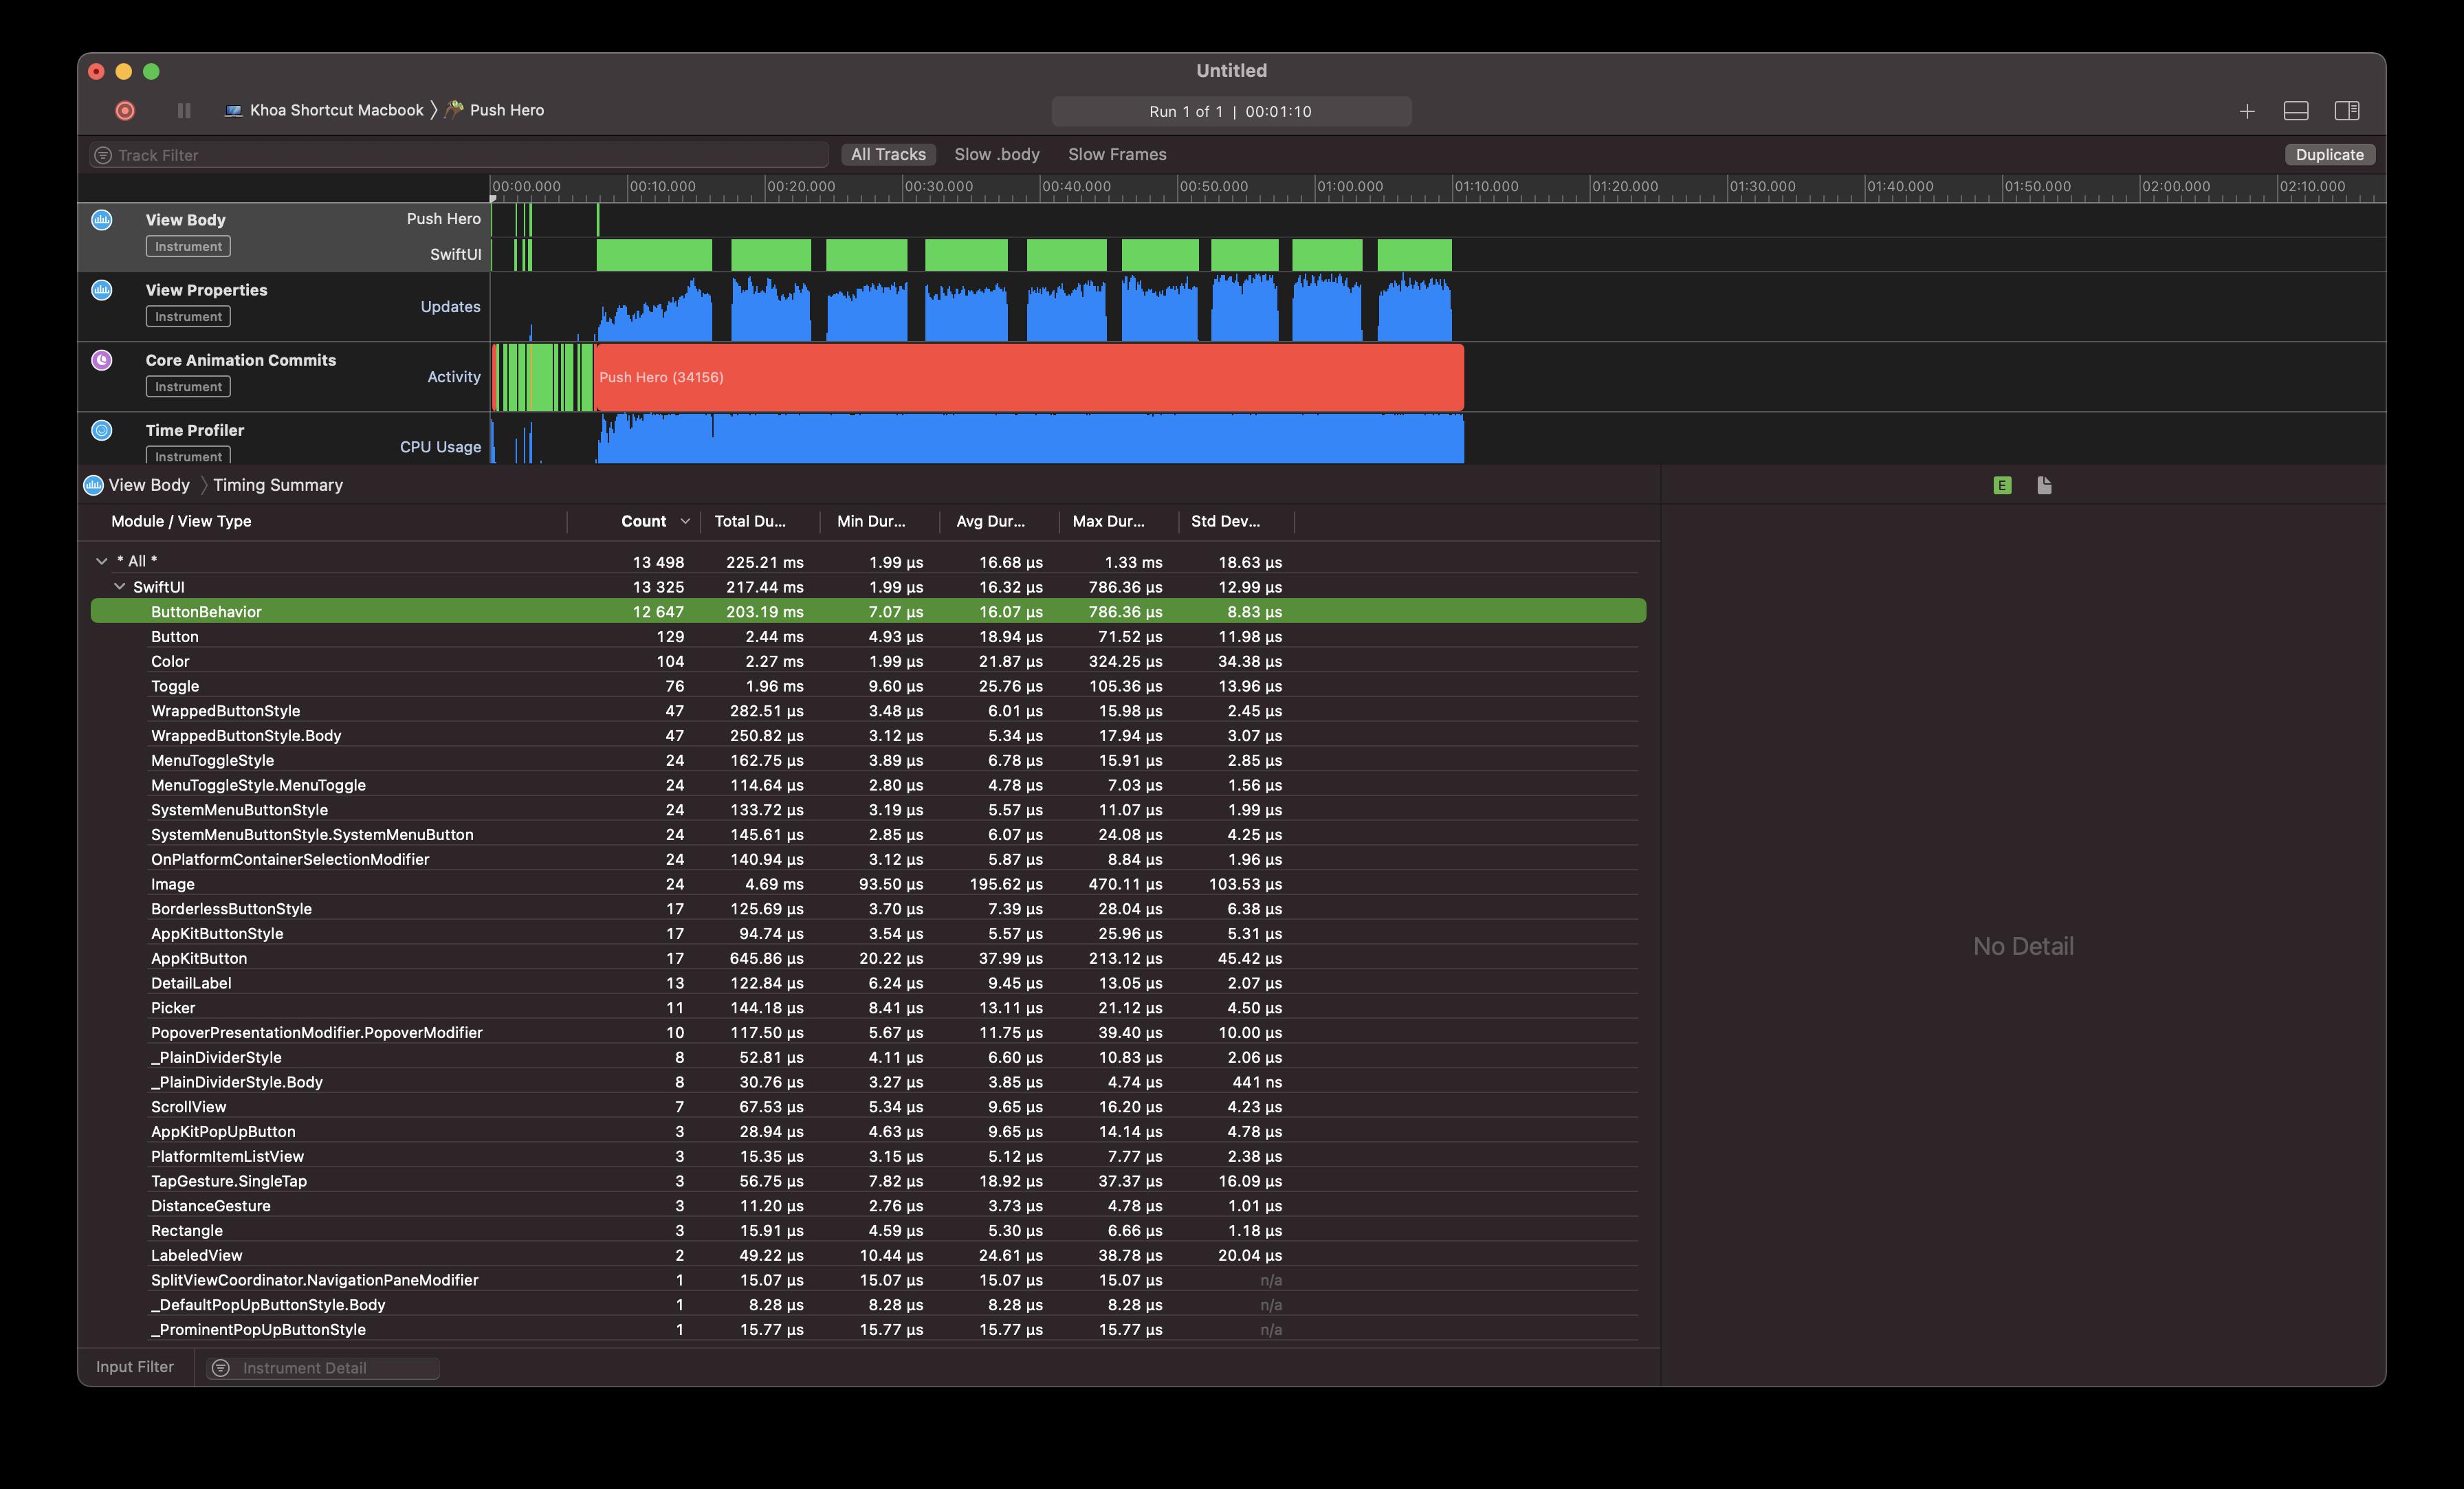 Screenshot 2021-02-24 at 10 12 05